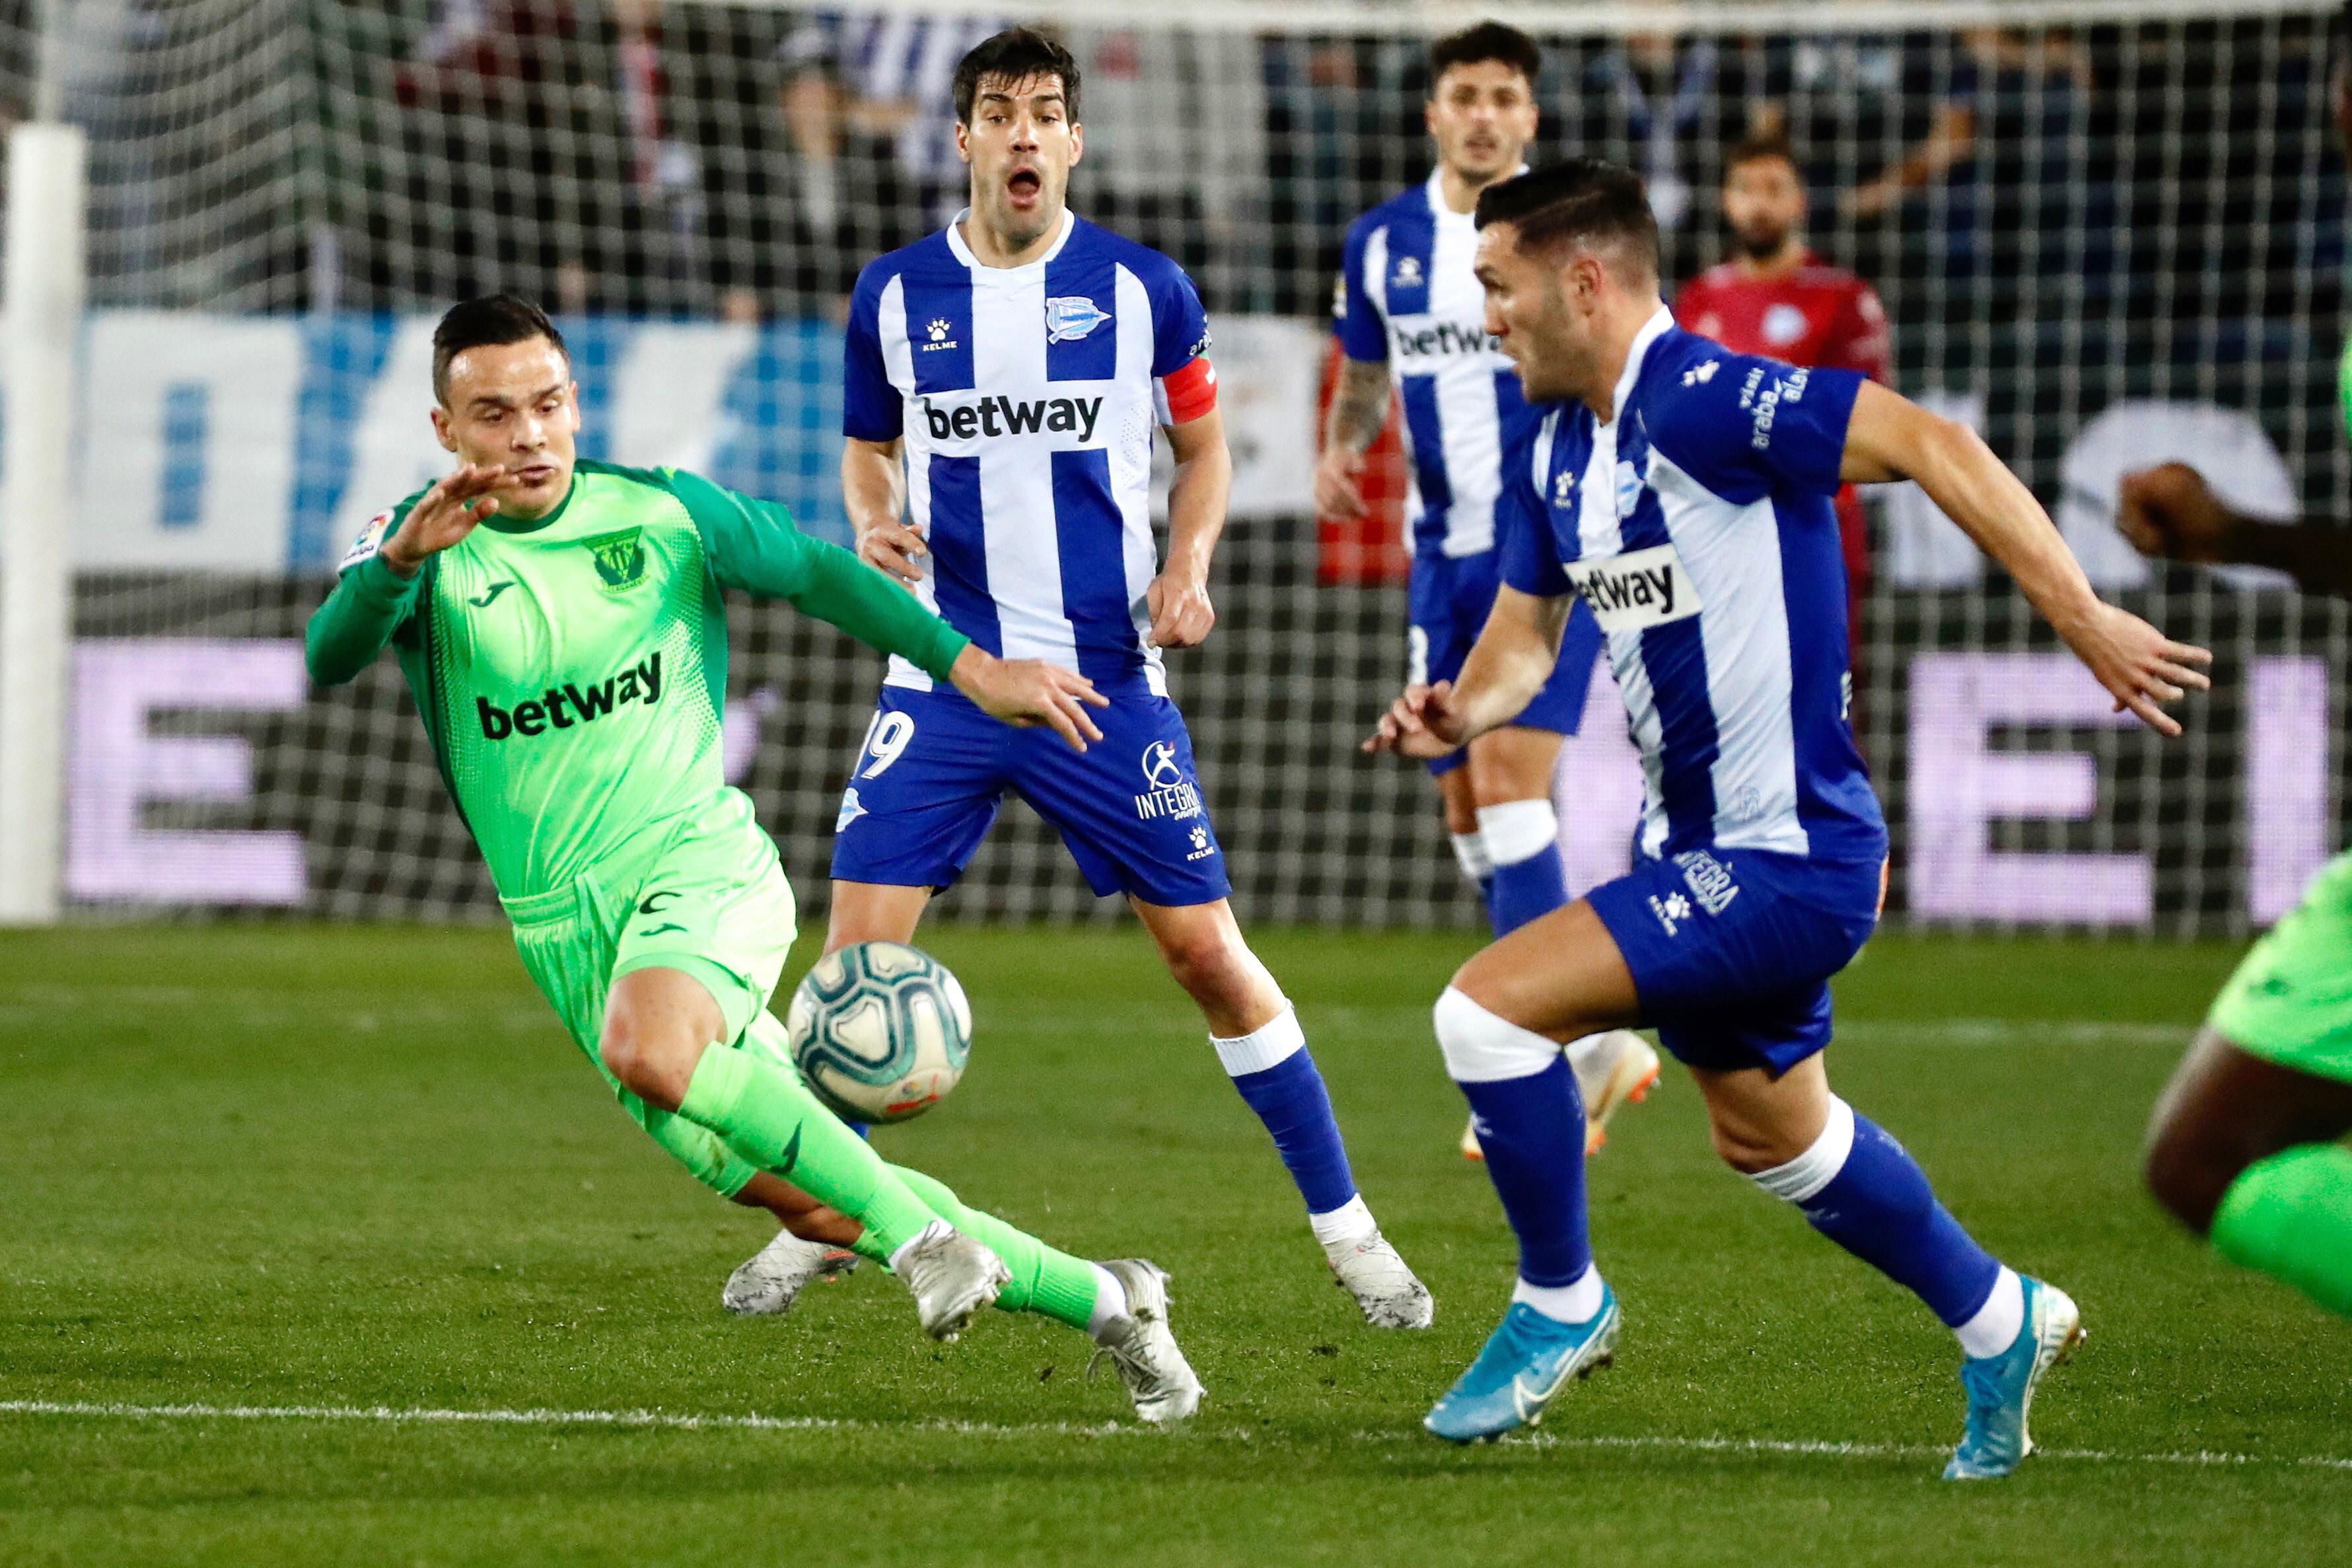 La Liga: Alavés salva um ponto contra o último classificado nos últimos minutos